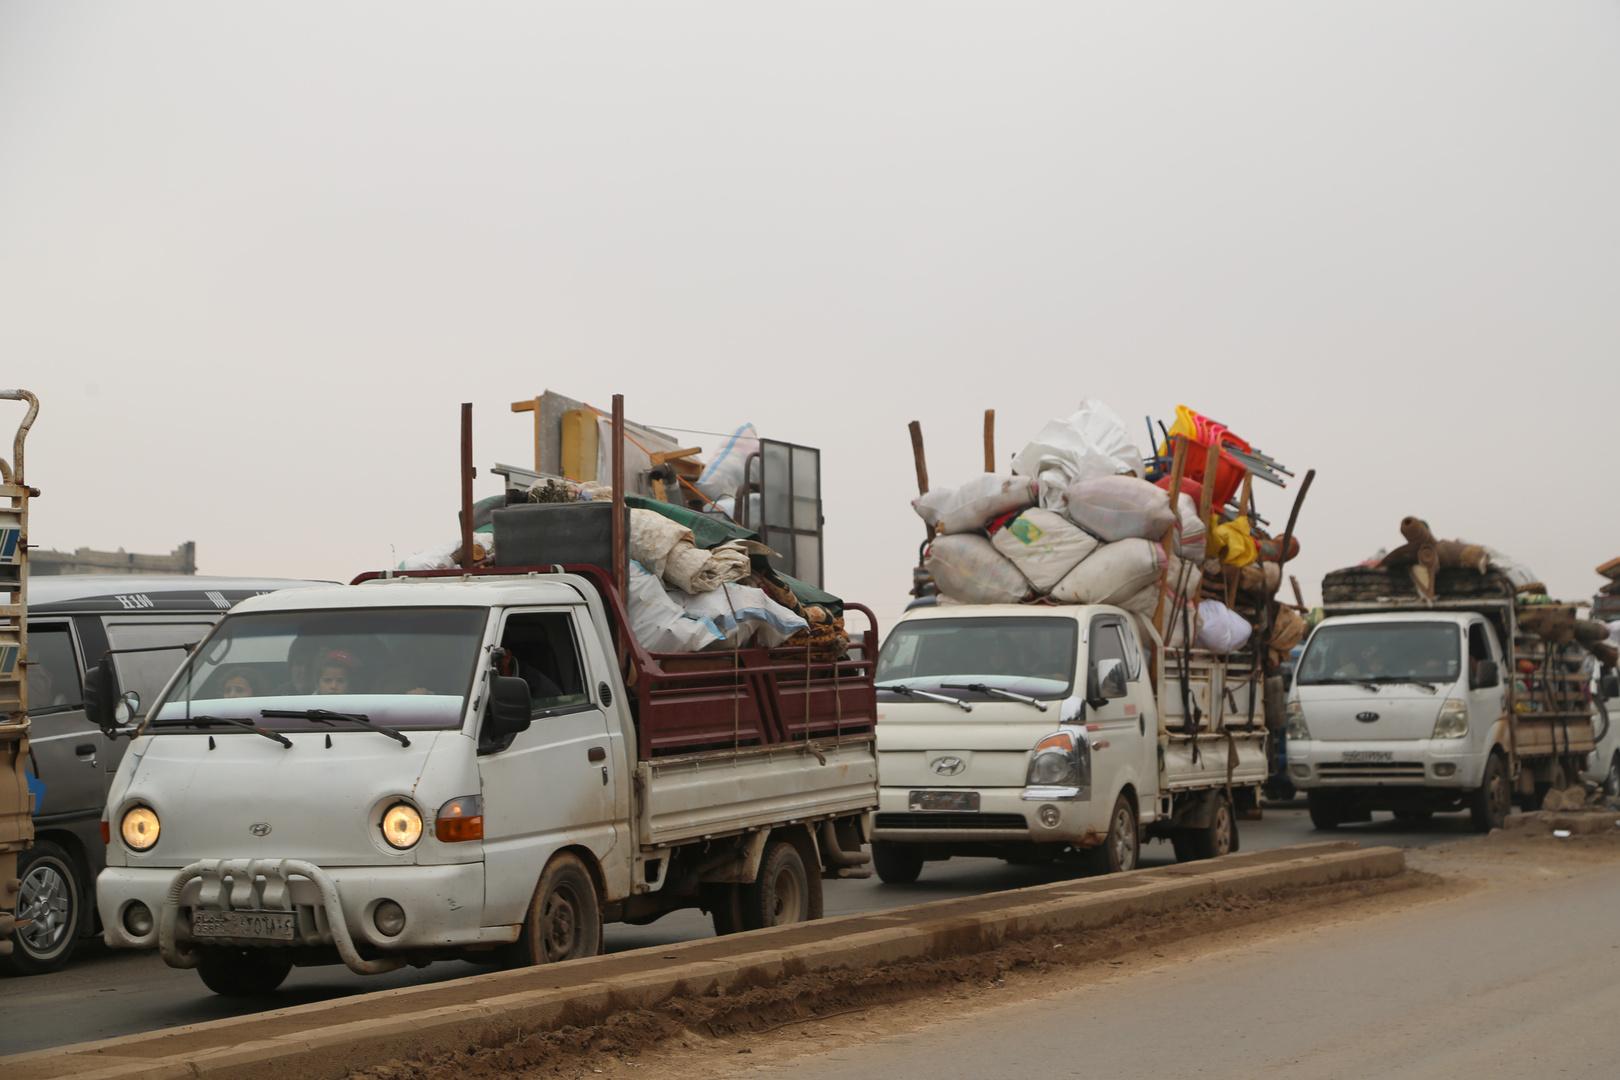 الأمم المتحدة: نزوح نحو 350 ألف سوري عن إدلب منذ مطلع ديسمبر